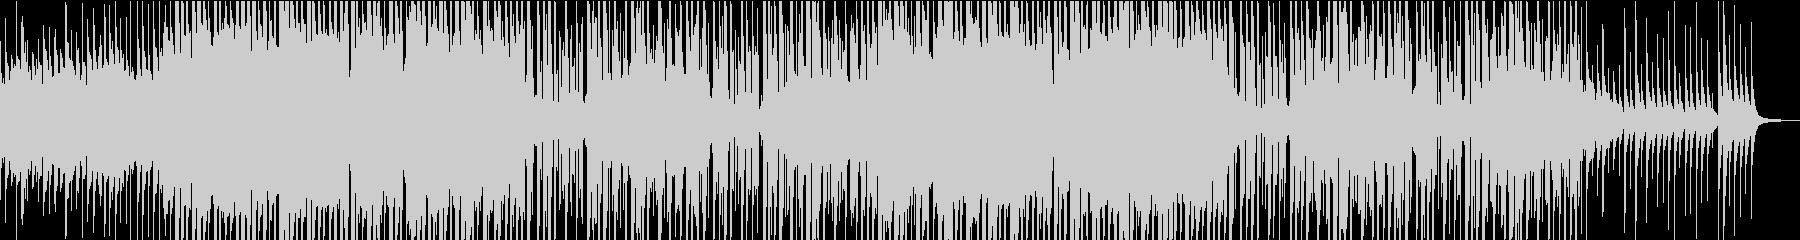 令和をイメージした和風テクノポップの未再生の波形